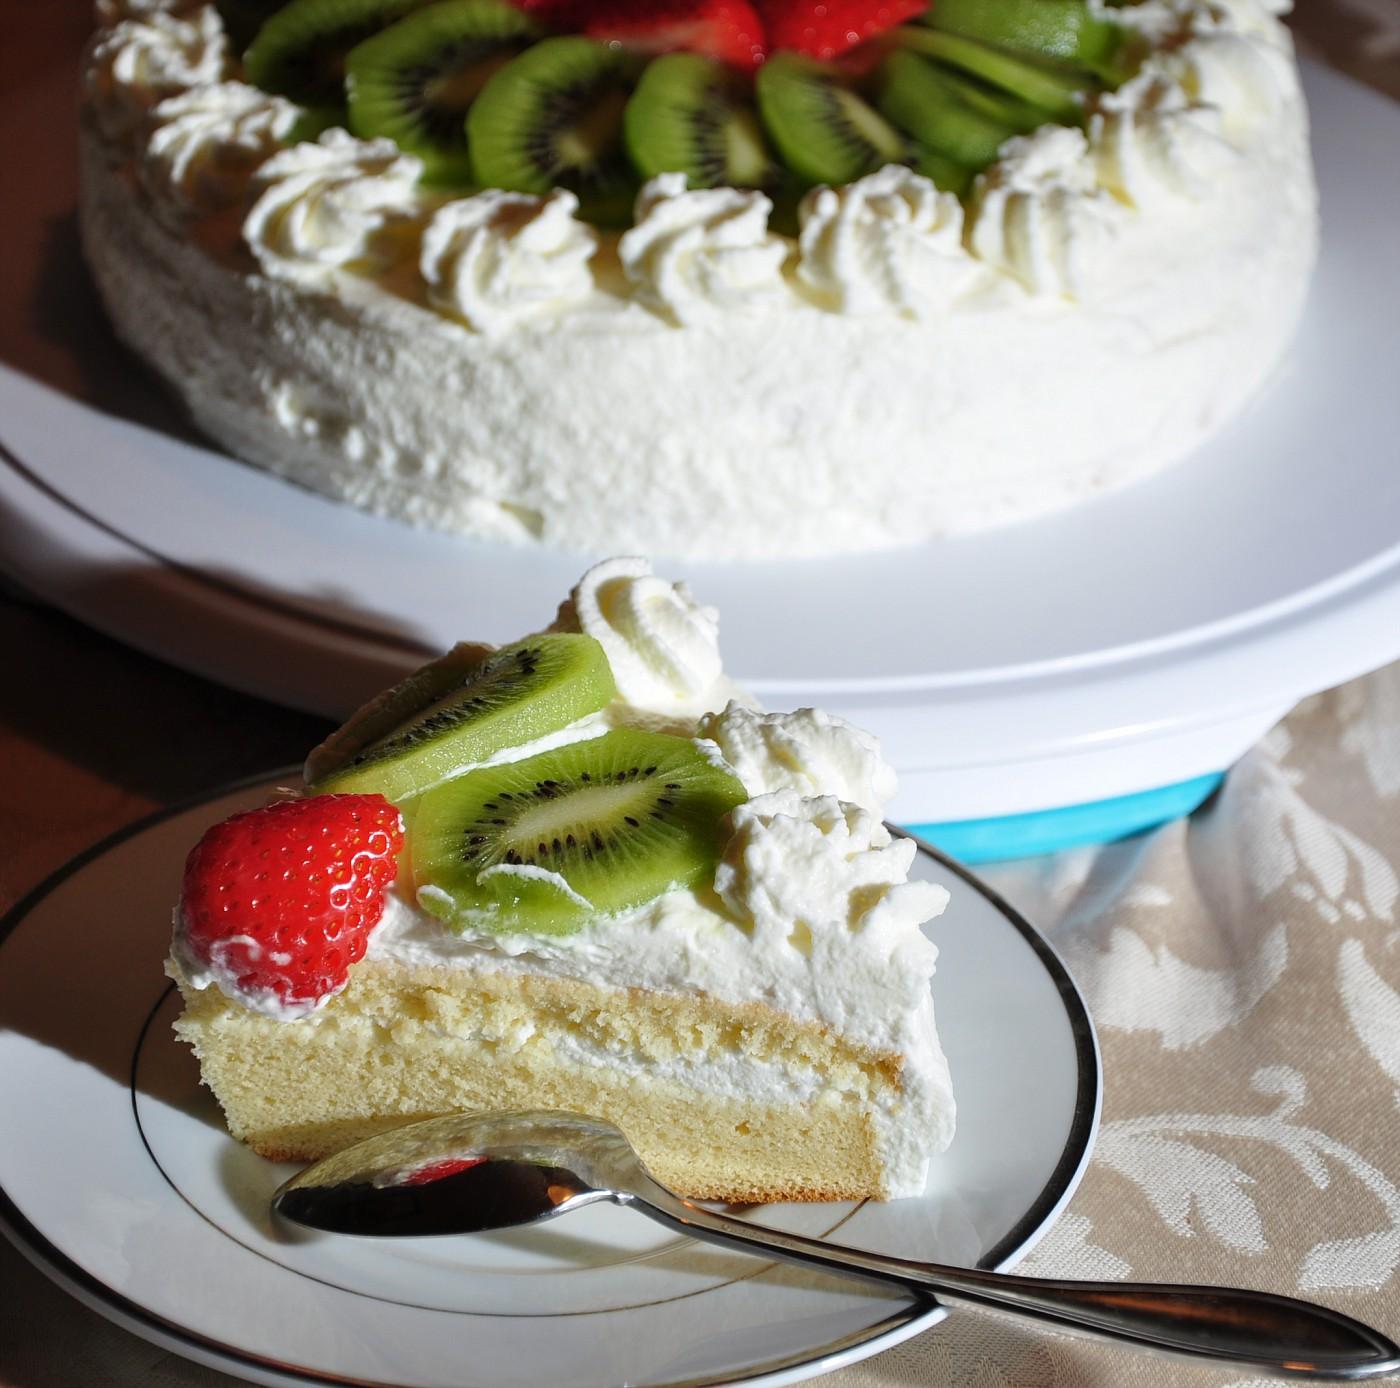 第一个 戚风蛋糕